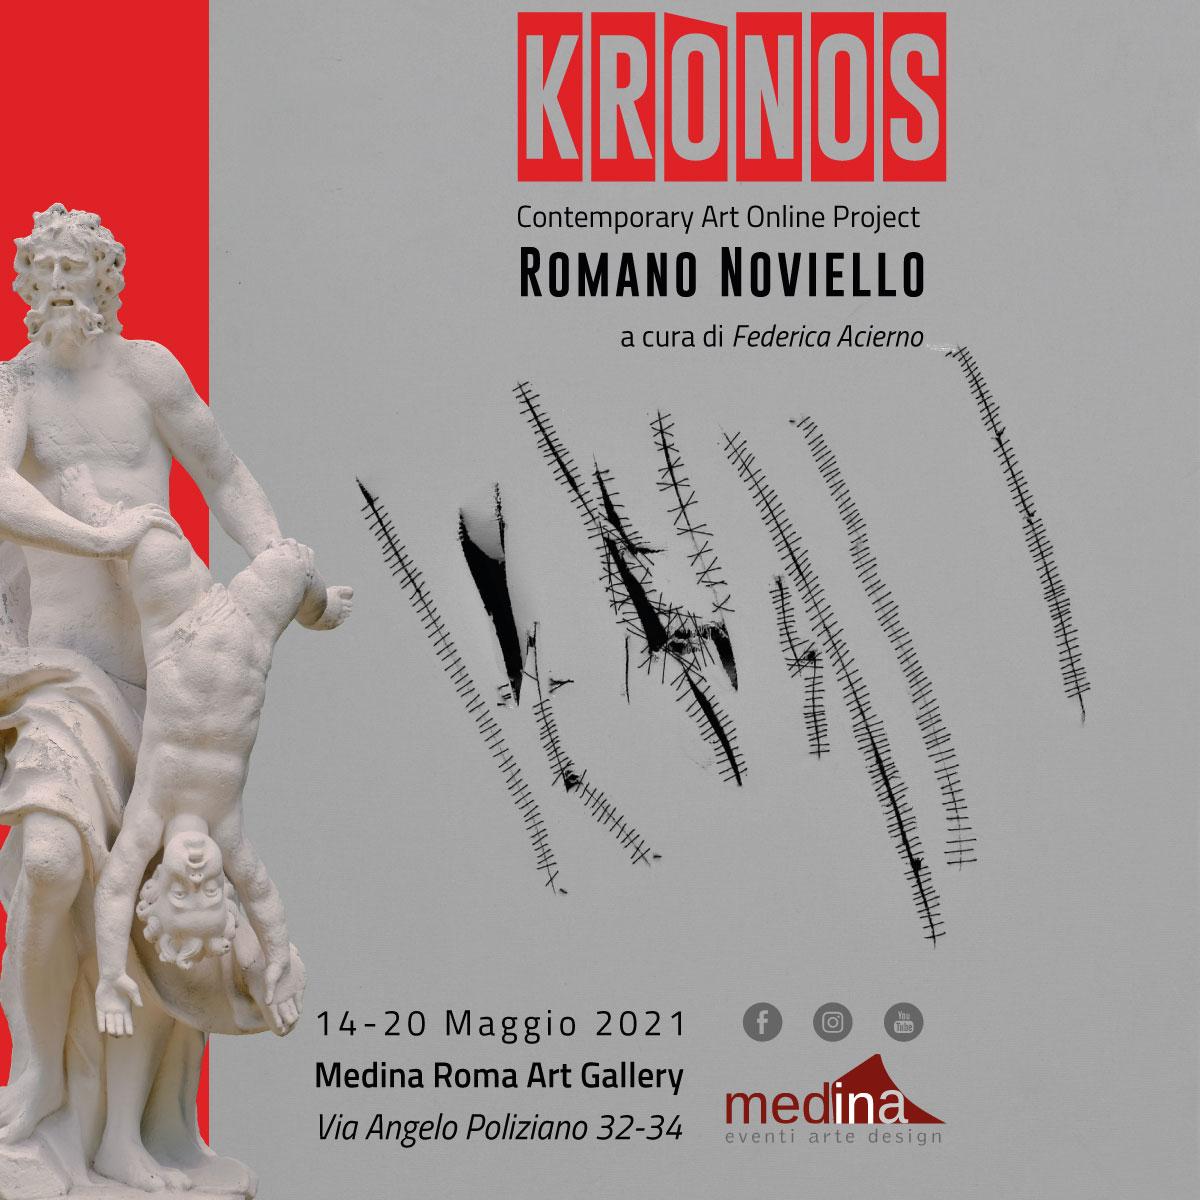 Kronos Mostra personale di Romano Noviello